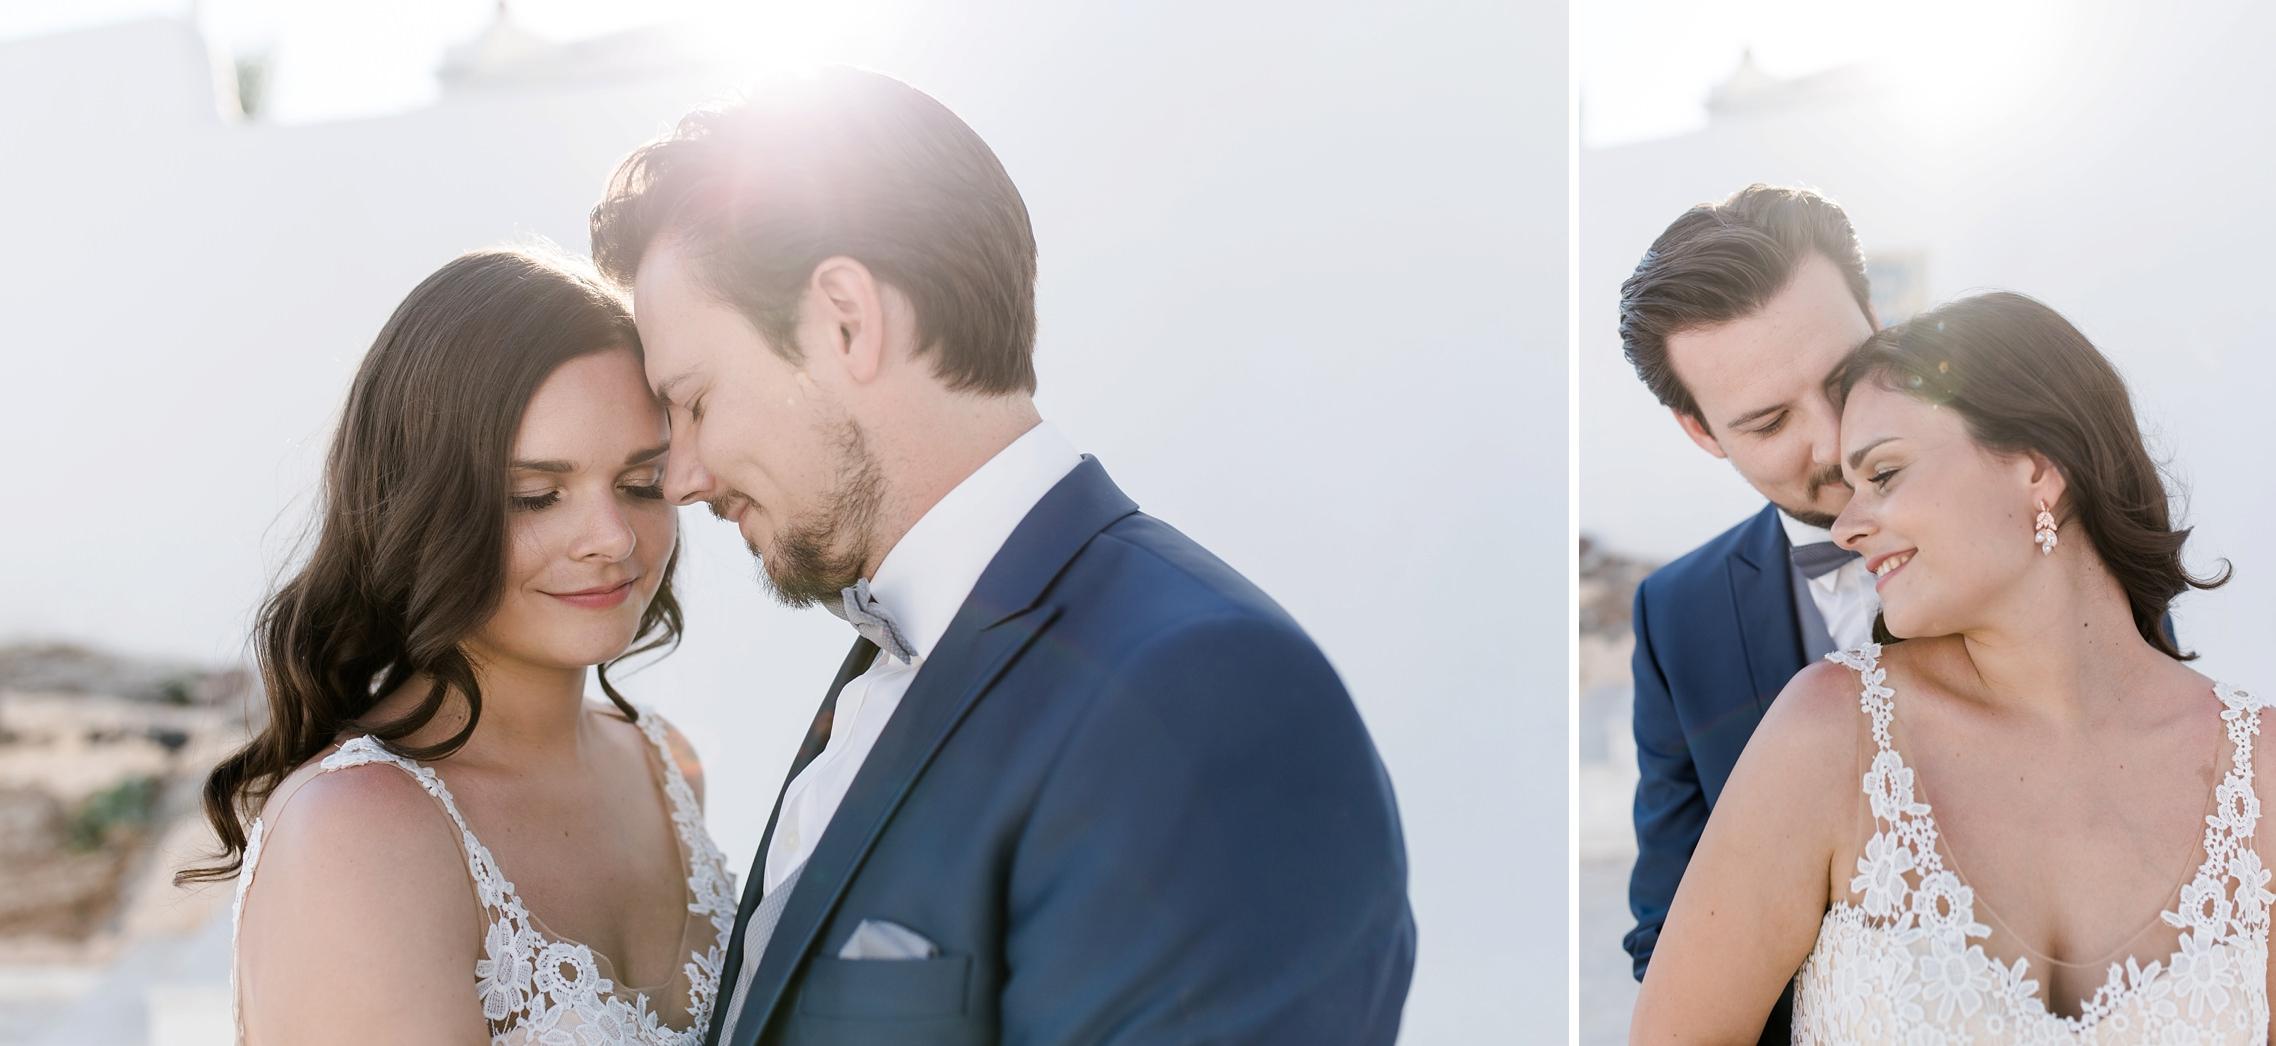 Hochzeitspaar turtelt verliebt im Gegenlicht.